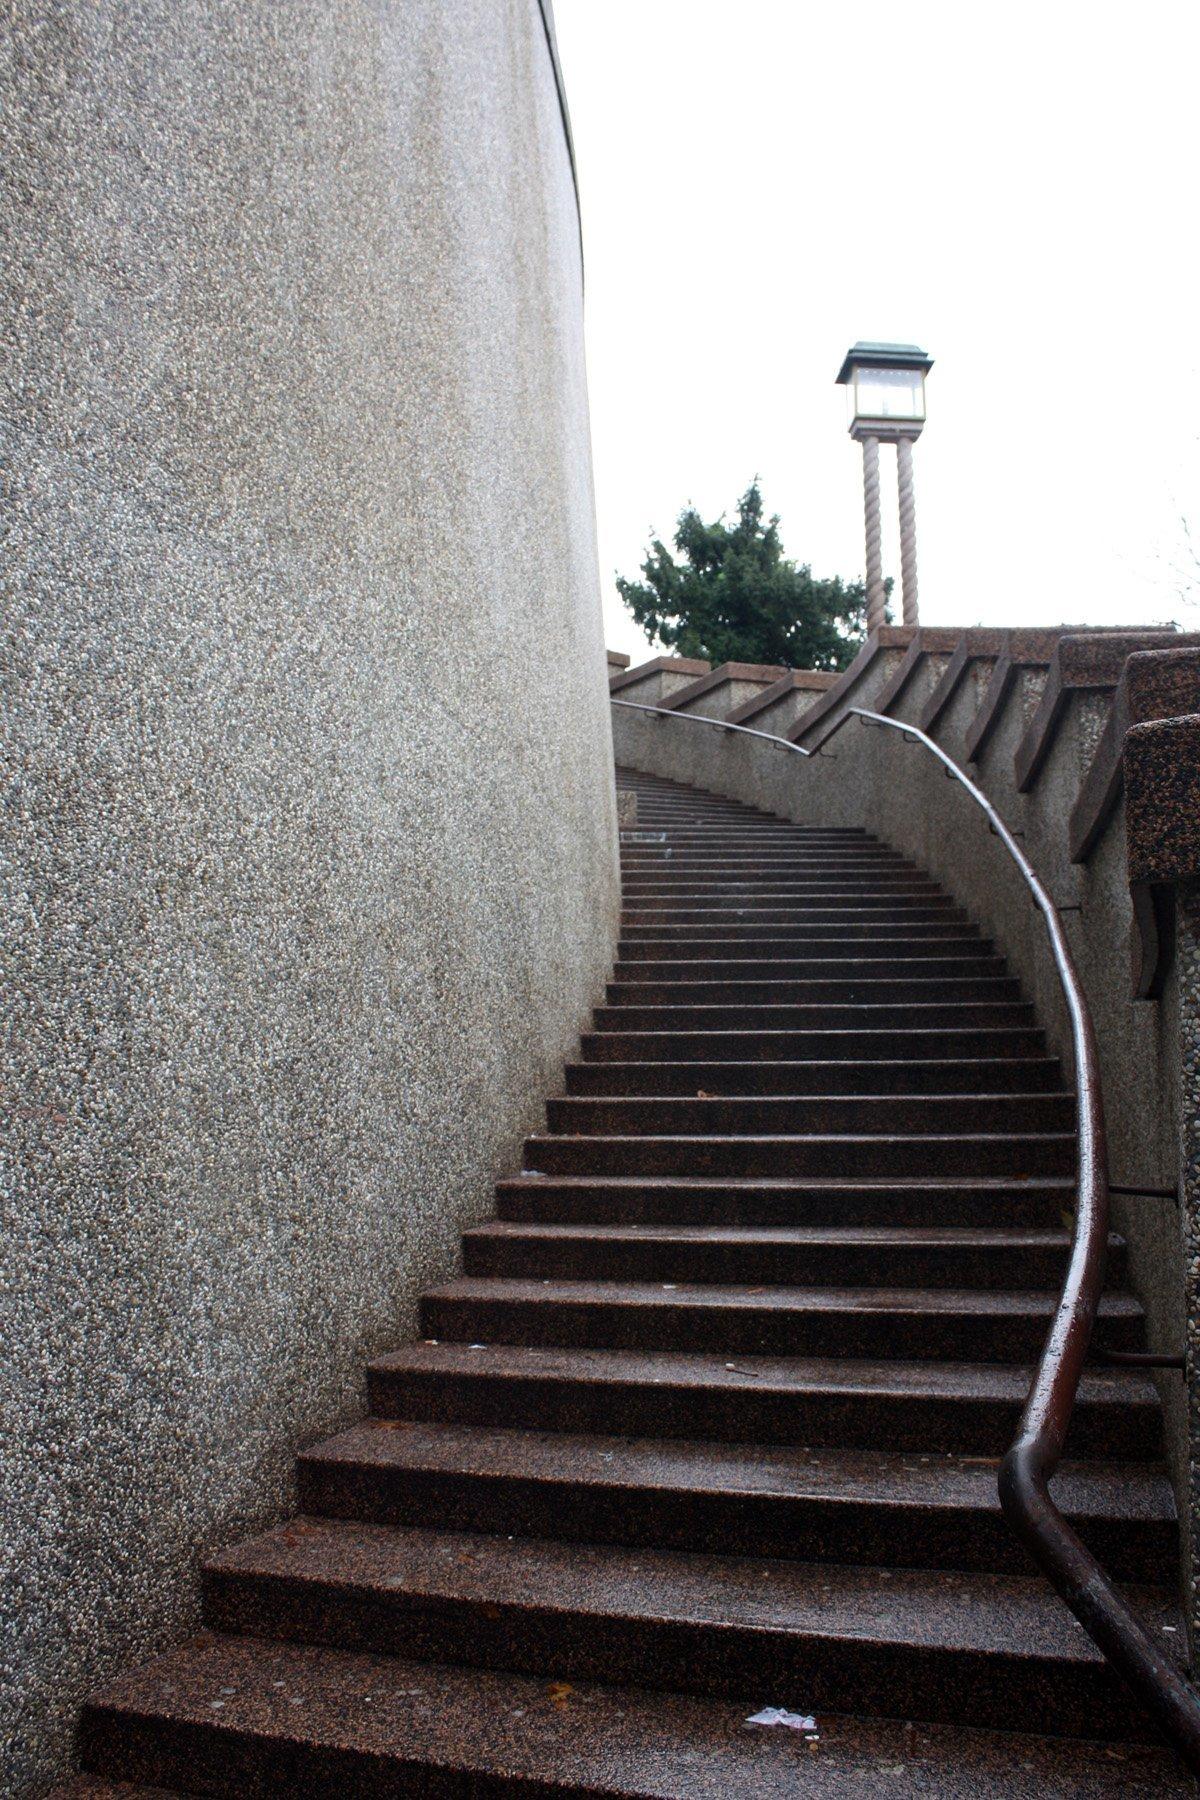 cennete giden merdiven